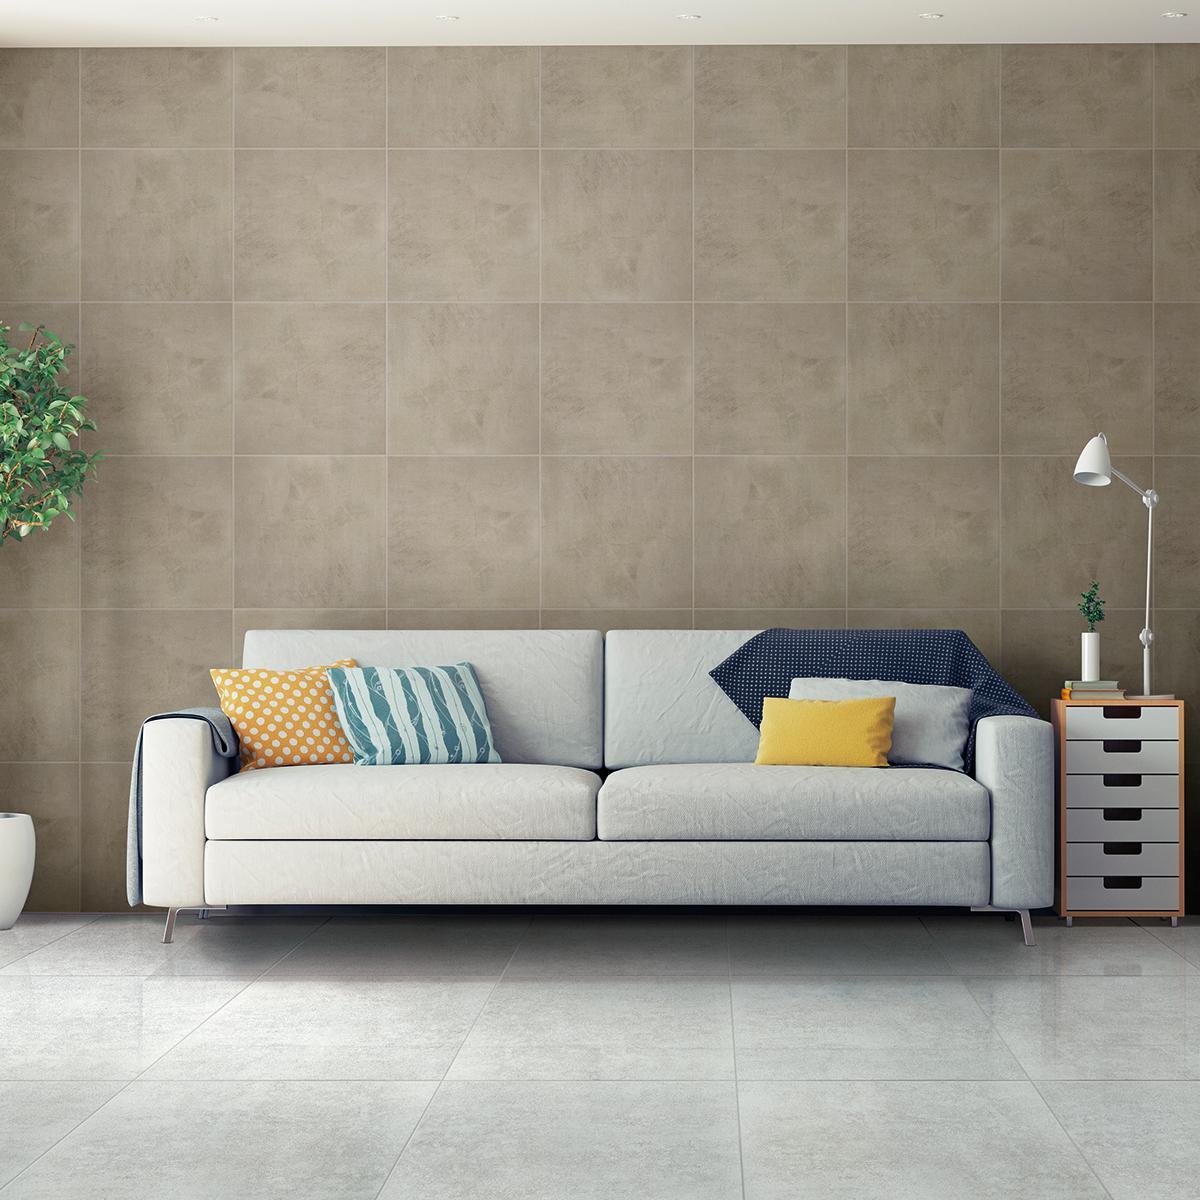 Piso Beton Gris Brillante - 60X60 cm - 1.80 m2